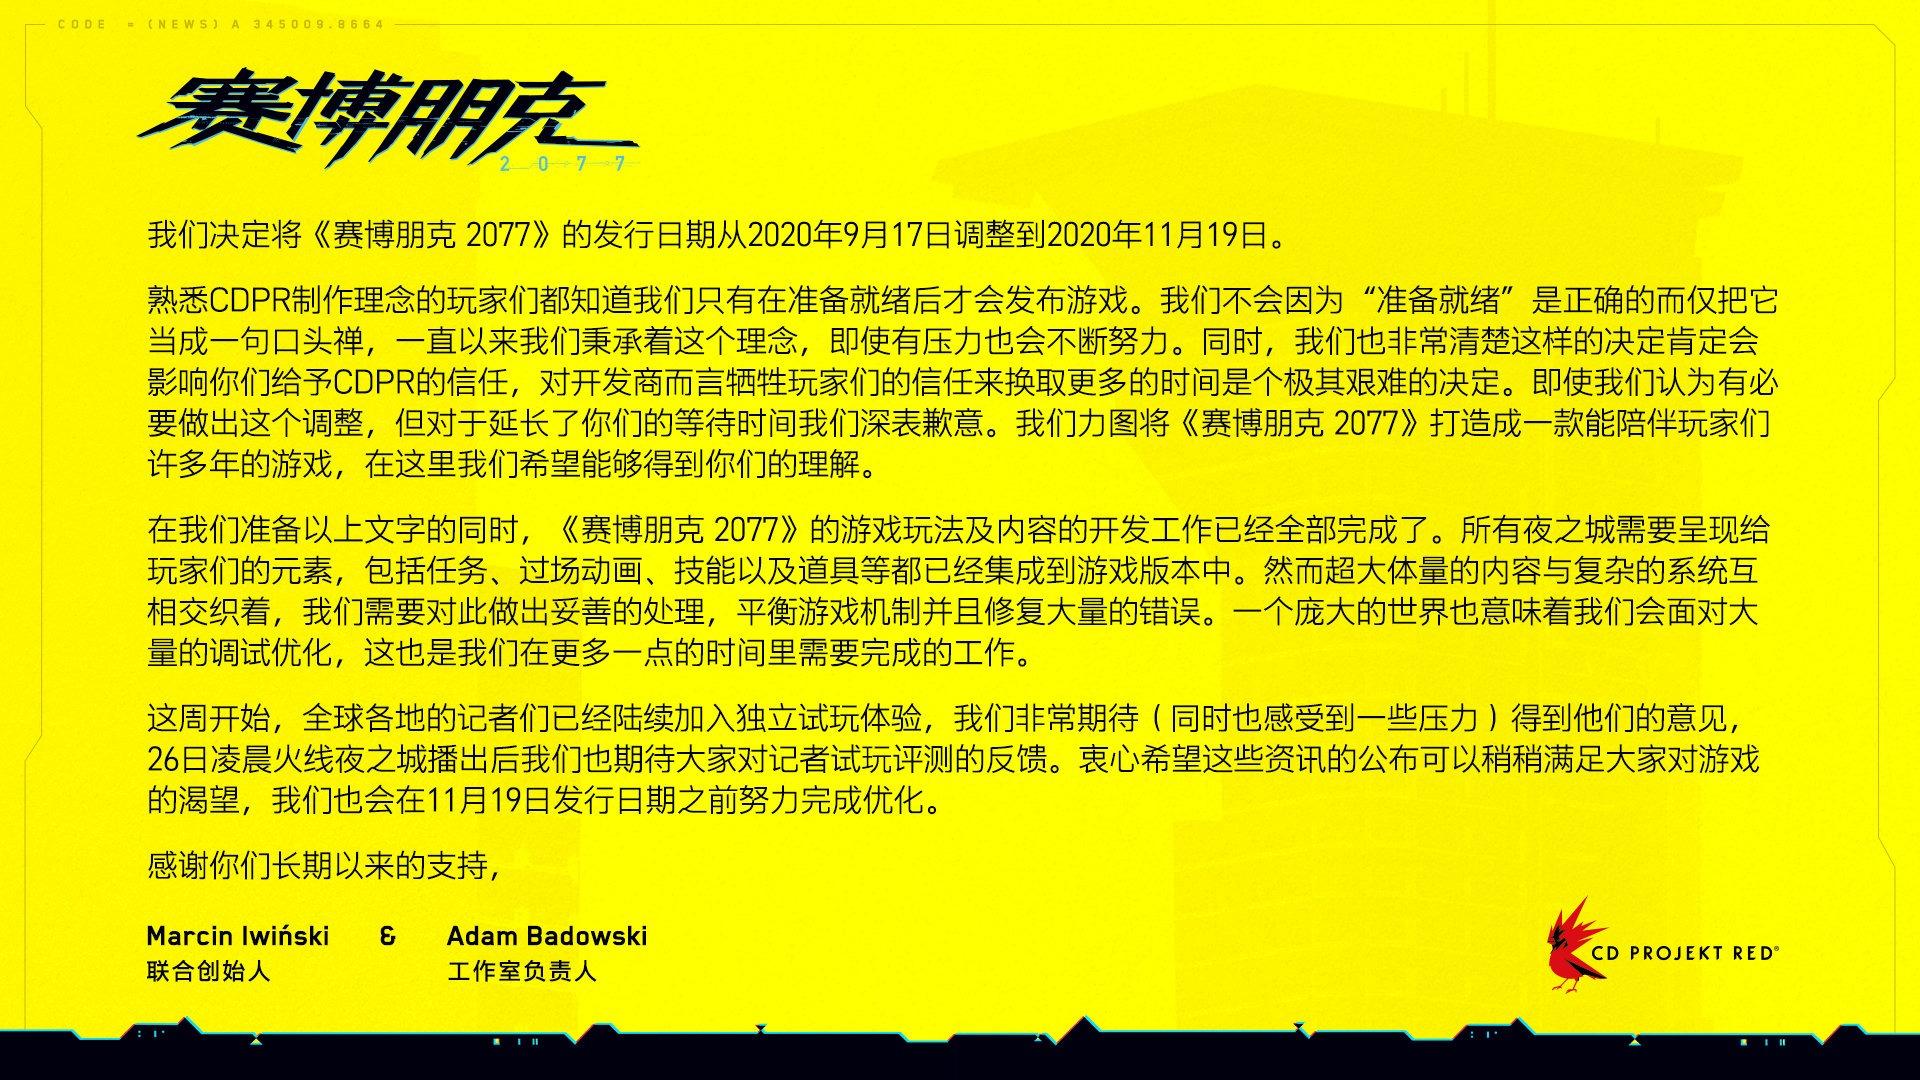 《赛博朋克2077》CDPR官微宣布 推迟至11月19日发行